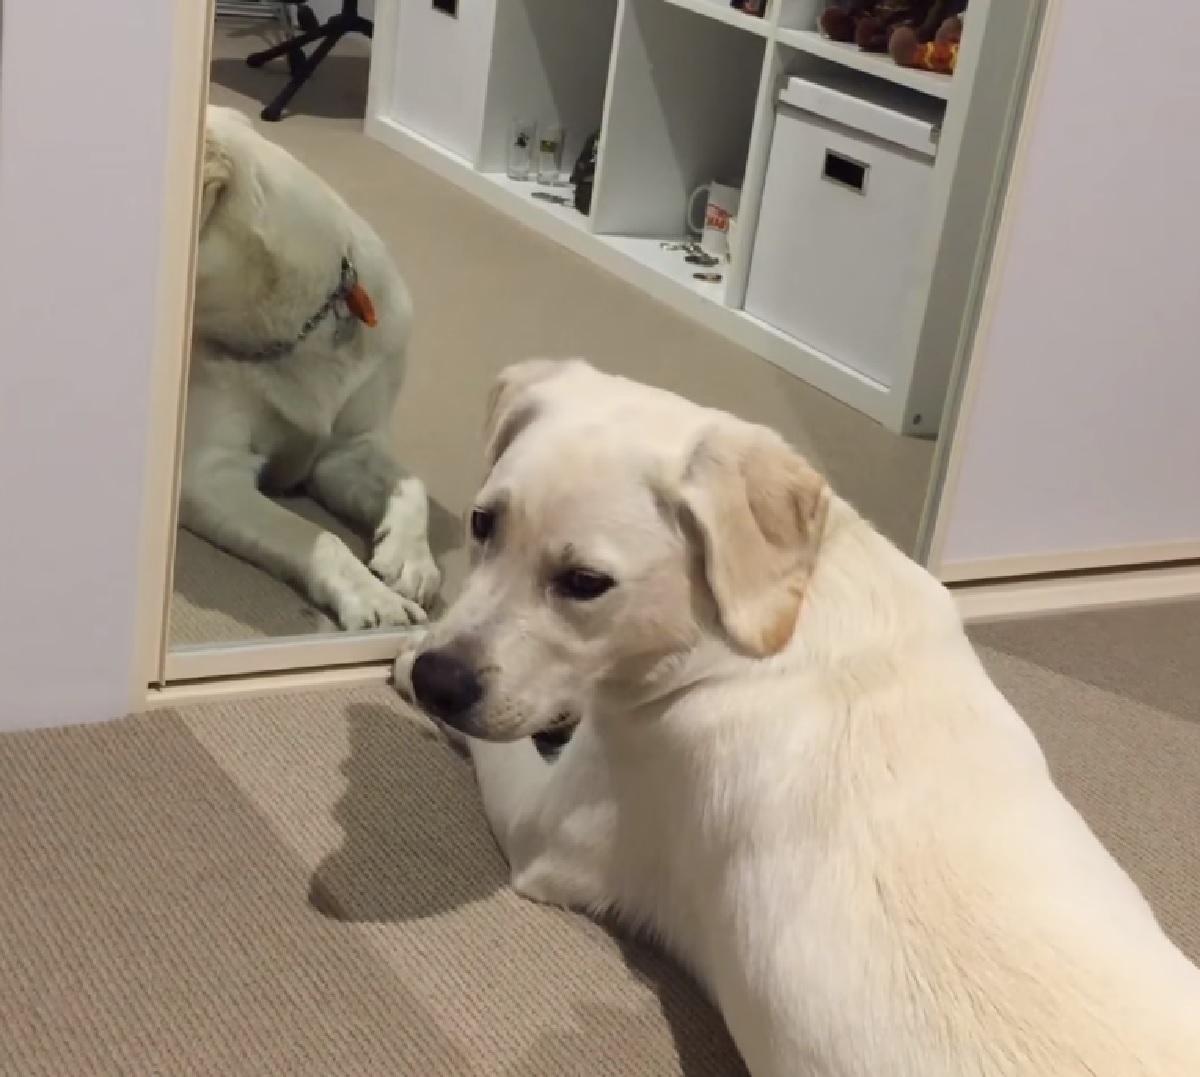 Il cucciolo di Labrador Banjo reagisce per la prima volta al suo riflesso, il video fa rimanere tutti a bocca aperta